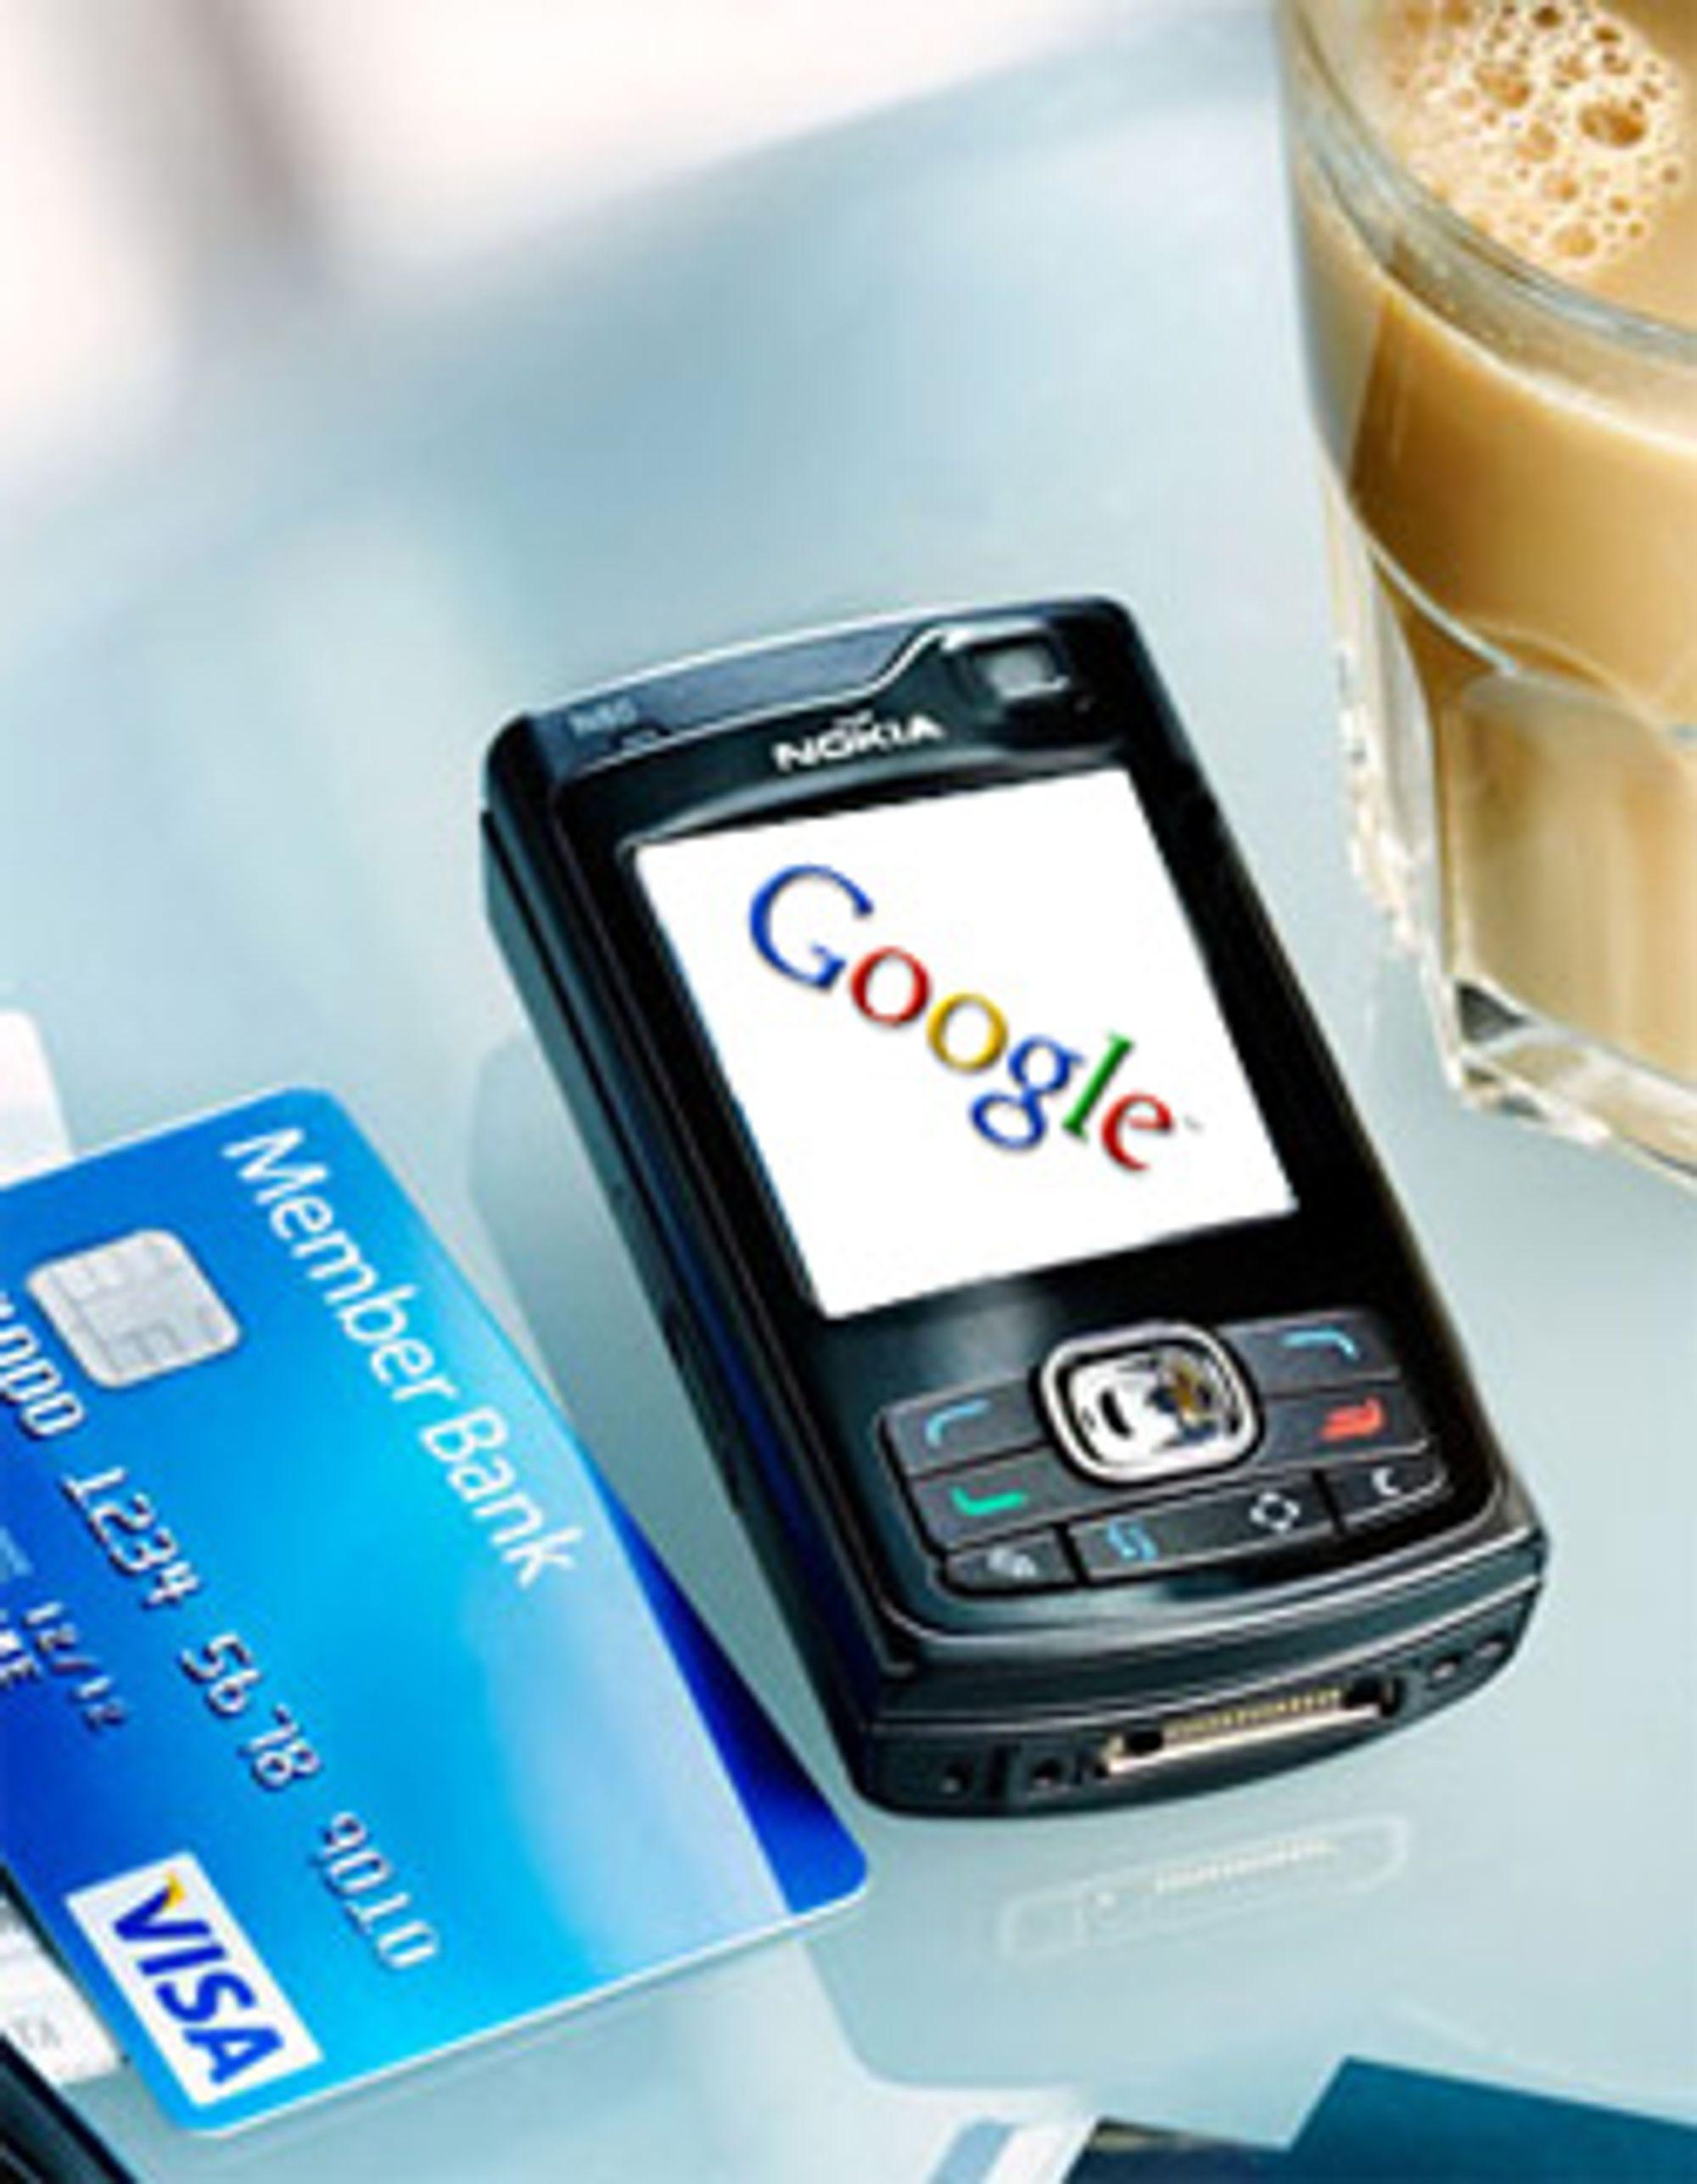 Google vil hjelpe deg å finne ringetoner til mobilen din. (Illustrasjon: Silje Gomnæs)